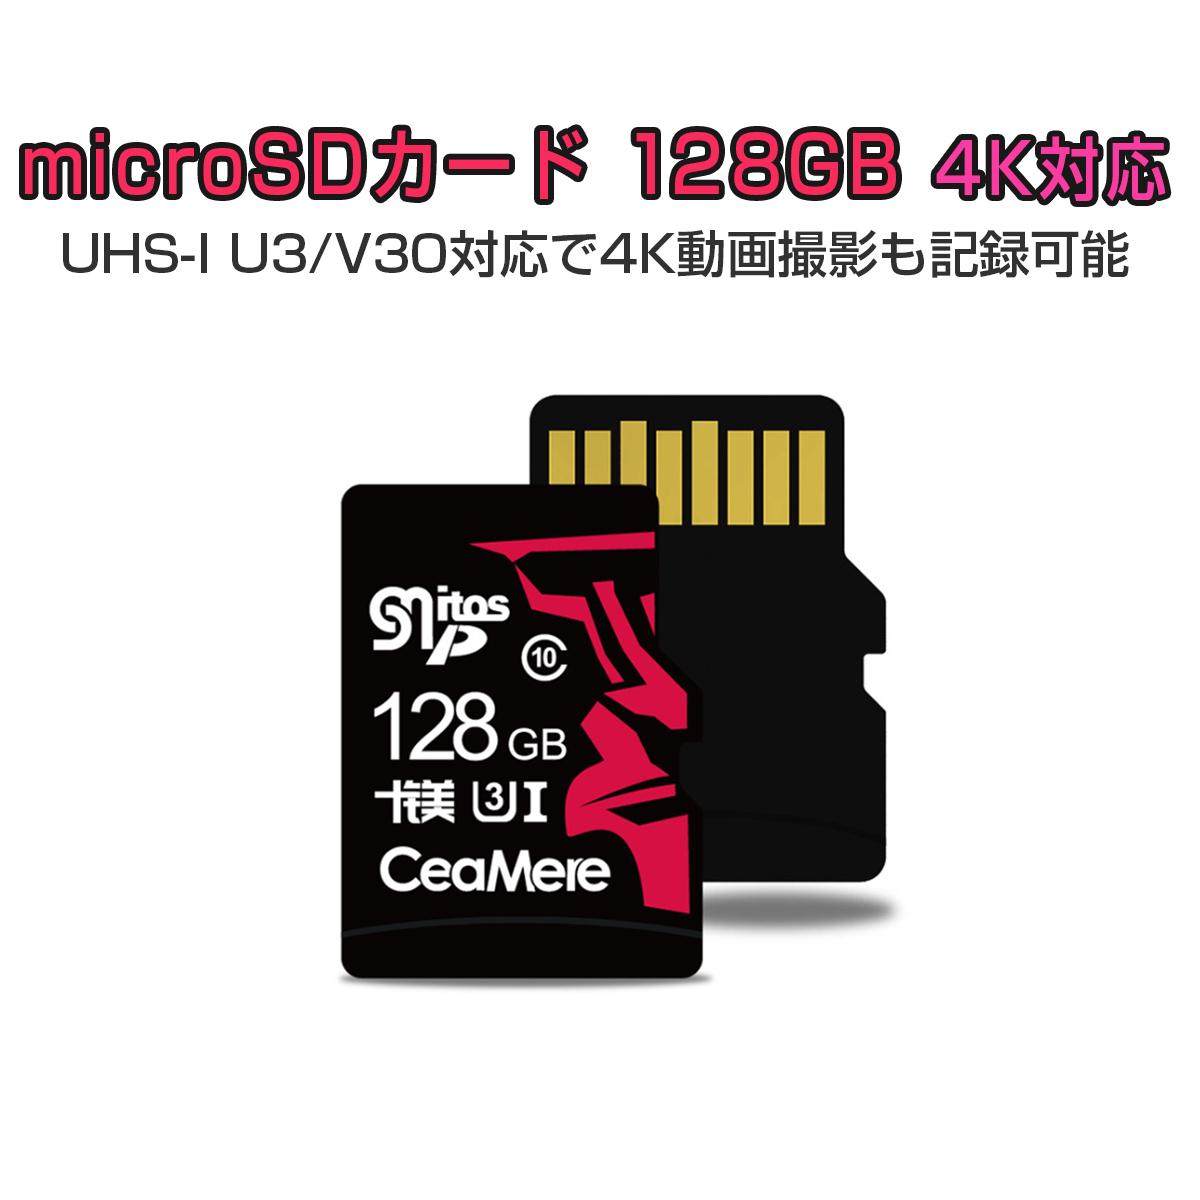 MicroSD 128GB UHS-I V30 超高速最大80MB/sec MicroSDカード マイクロSD microSDXC 300x SDカード変換アダプタ USBカードリーダー付 SDM便送料無料 1年保証 K&M